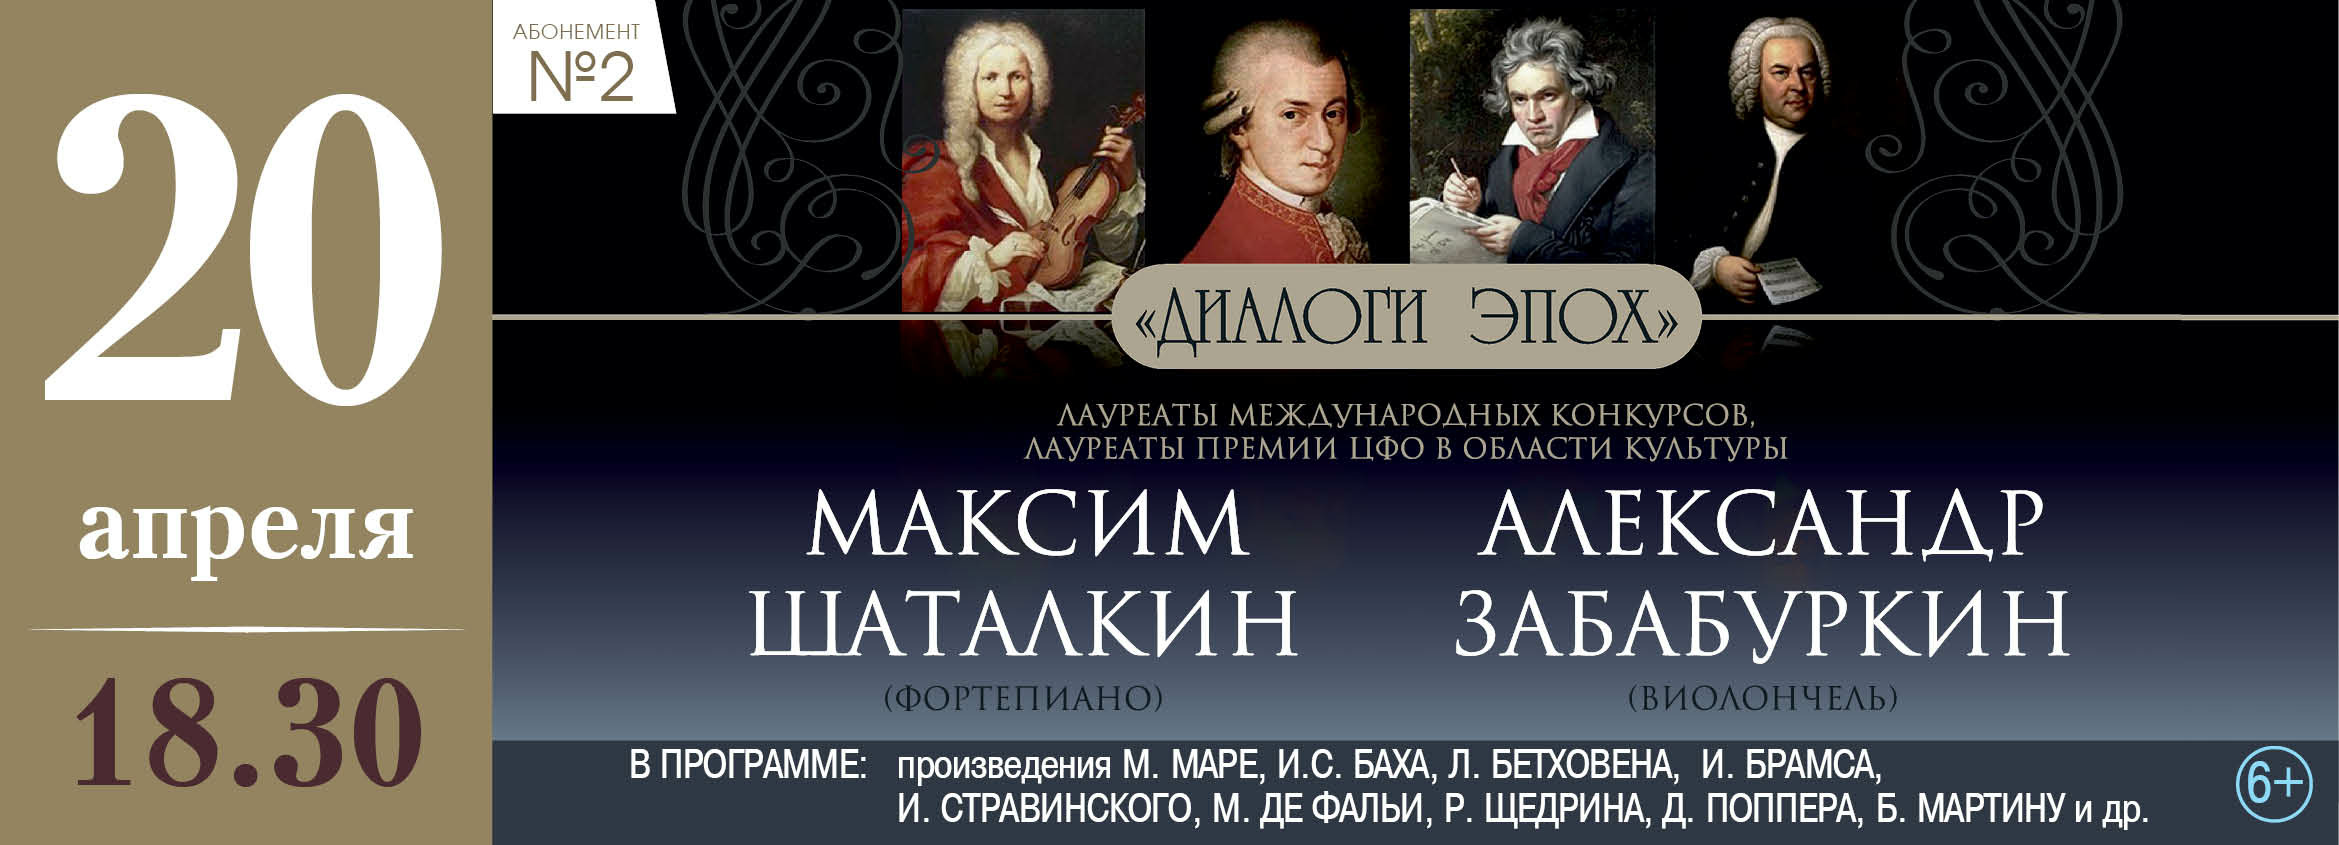 Лауреаты международных конкурсов представят программу «Диалоги эпох» в Тверской филармонии